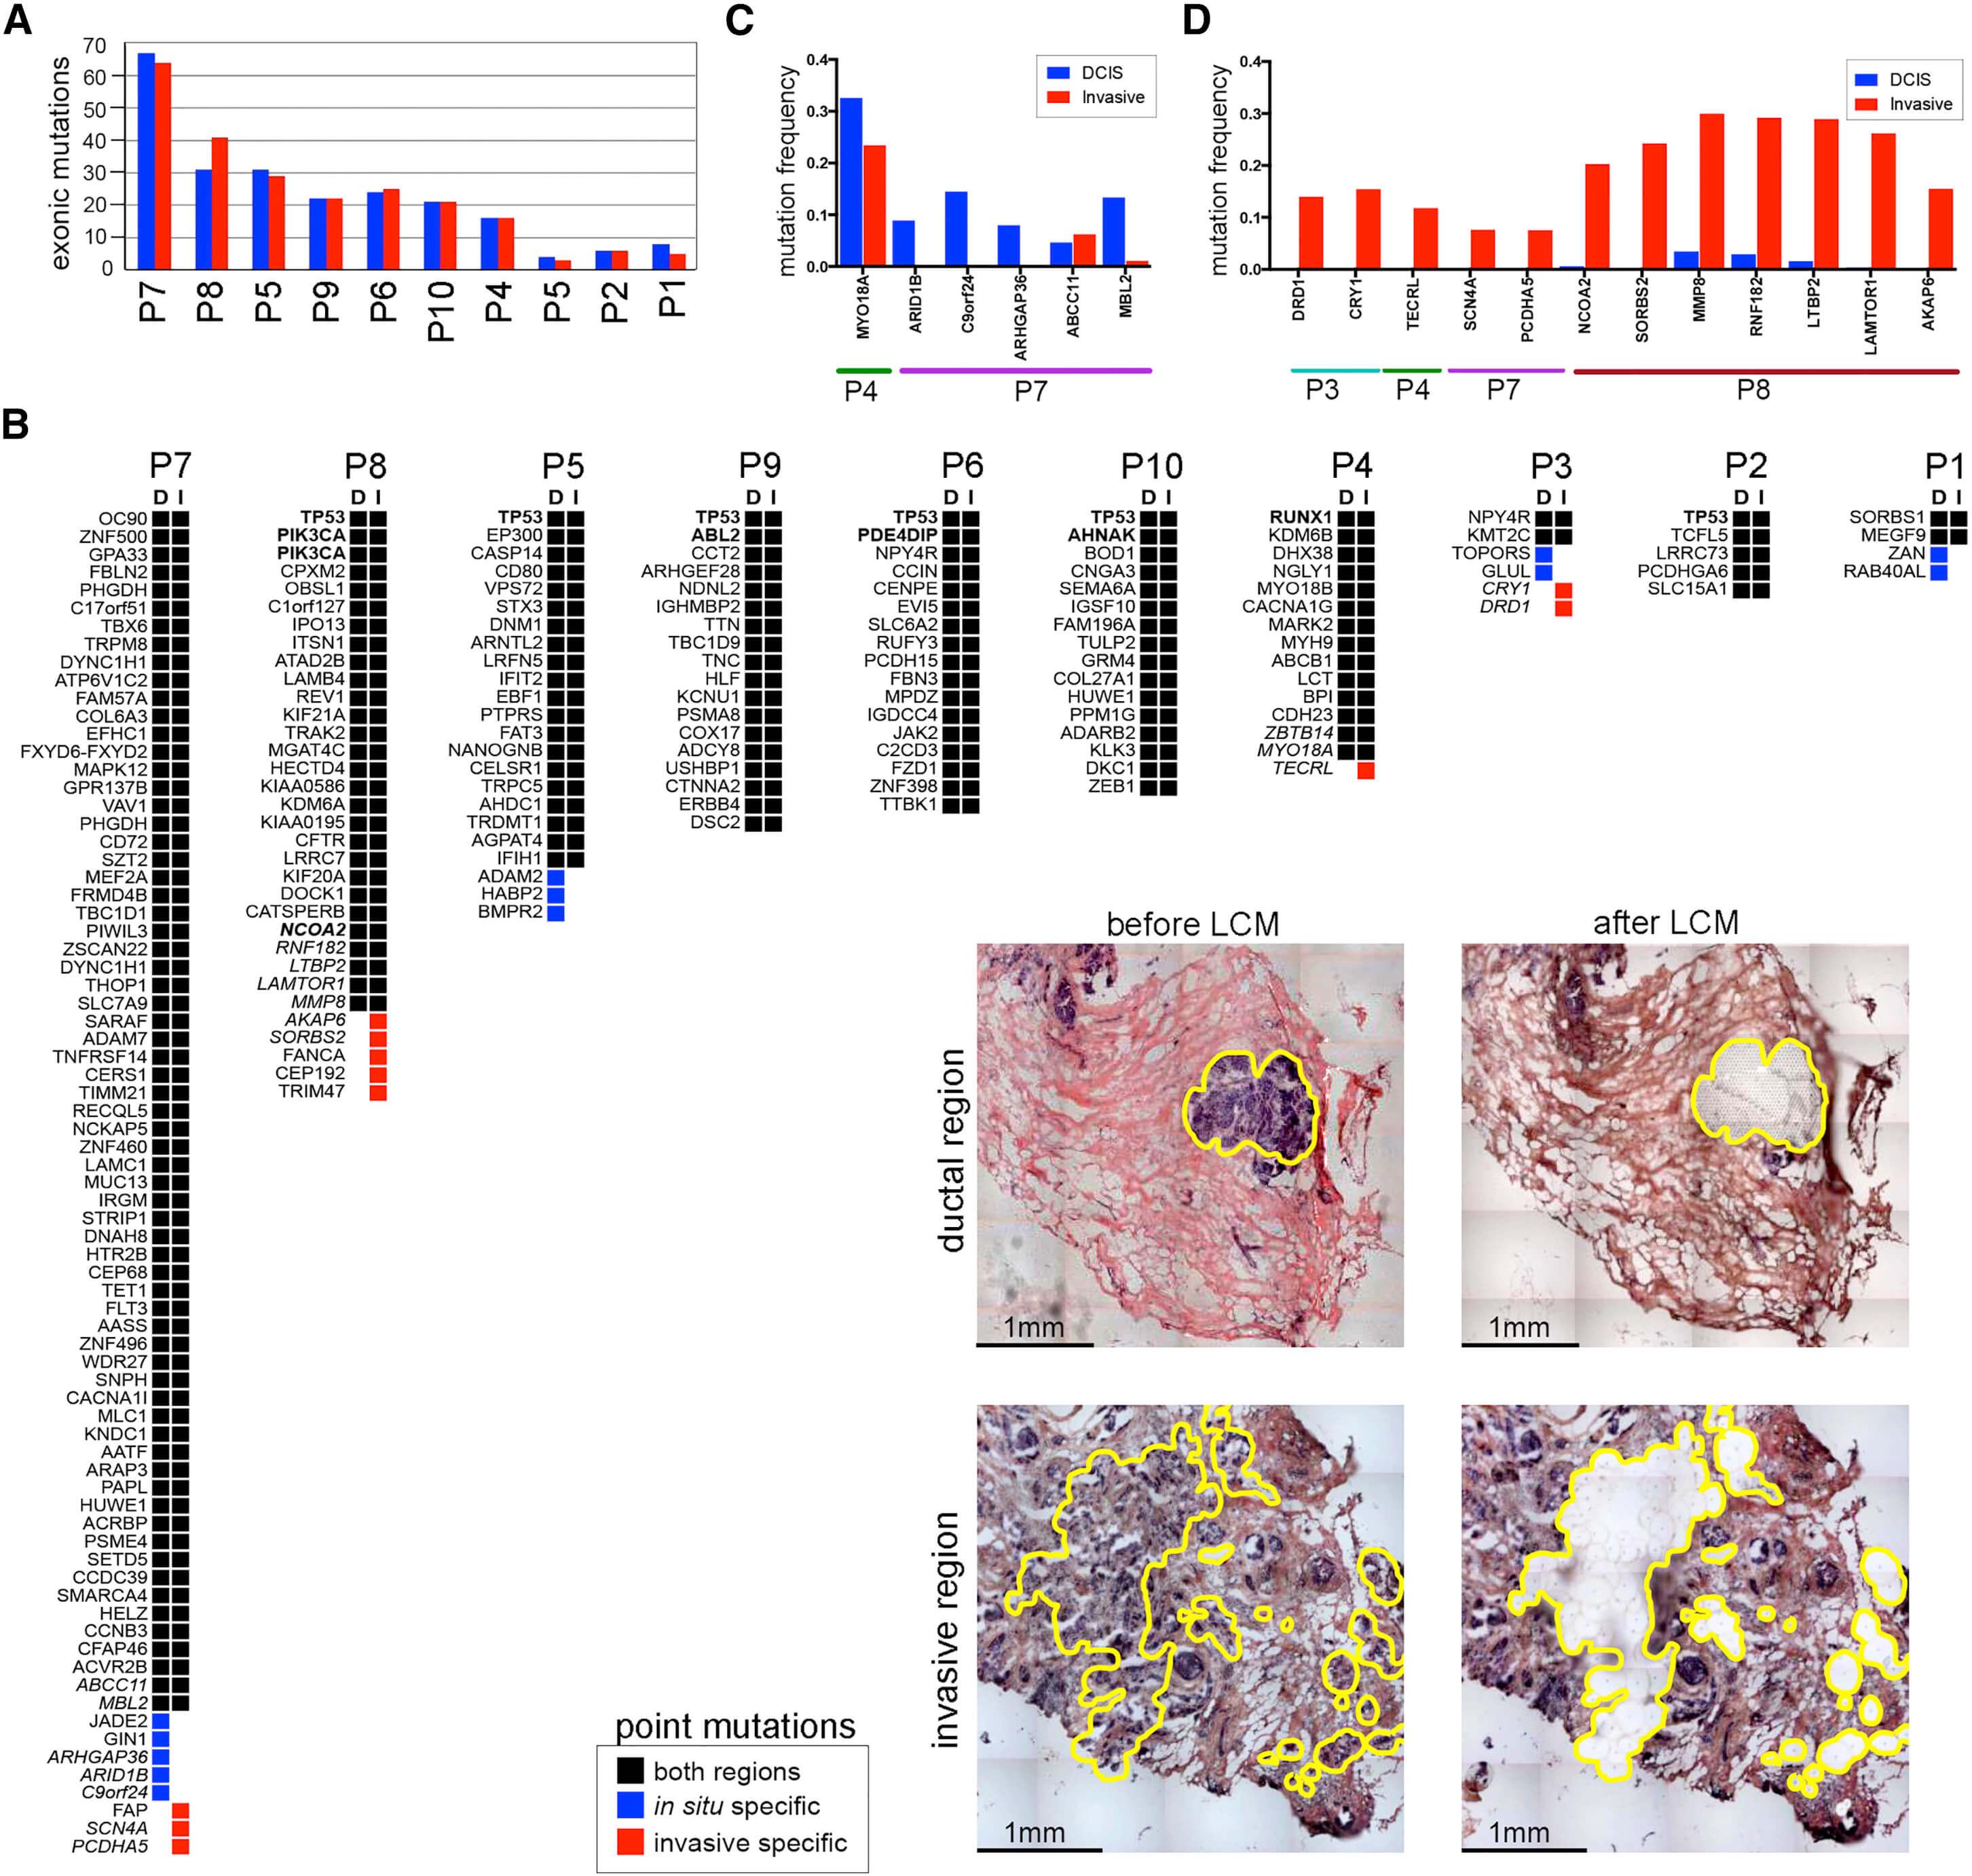 空间单细胞DNA测序技术流程